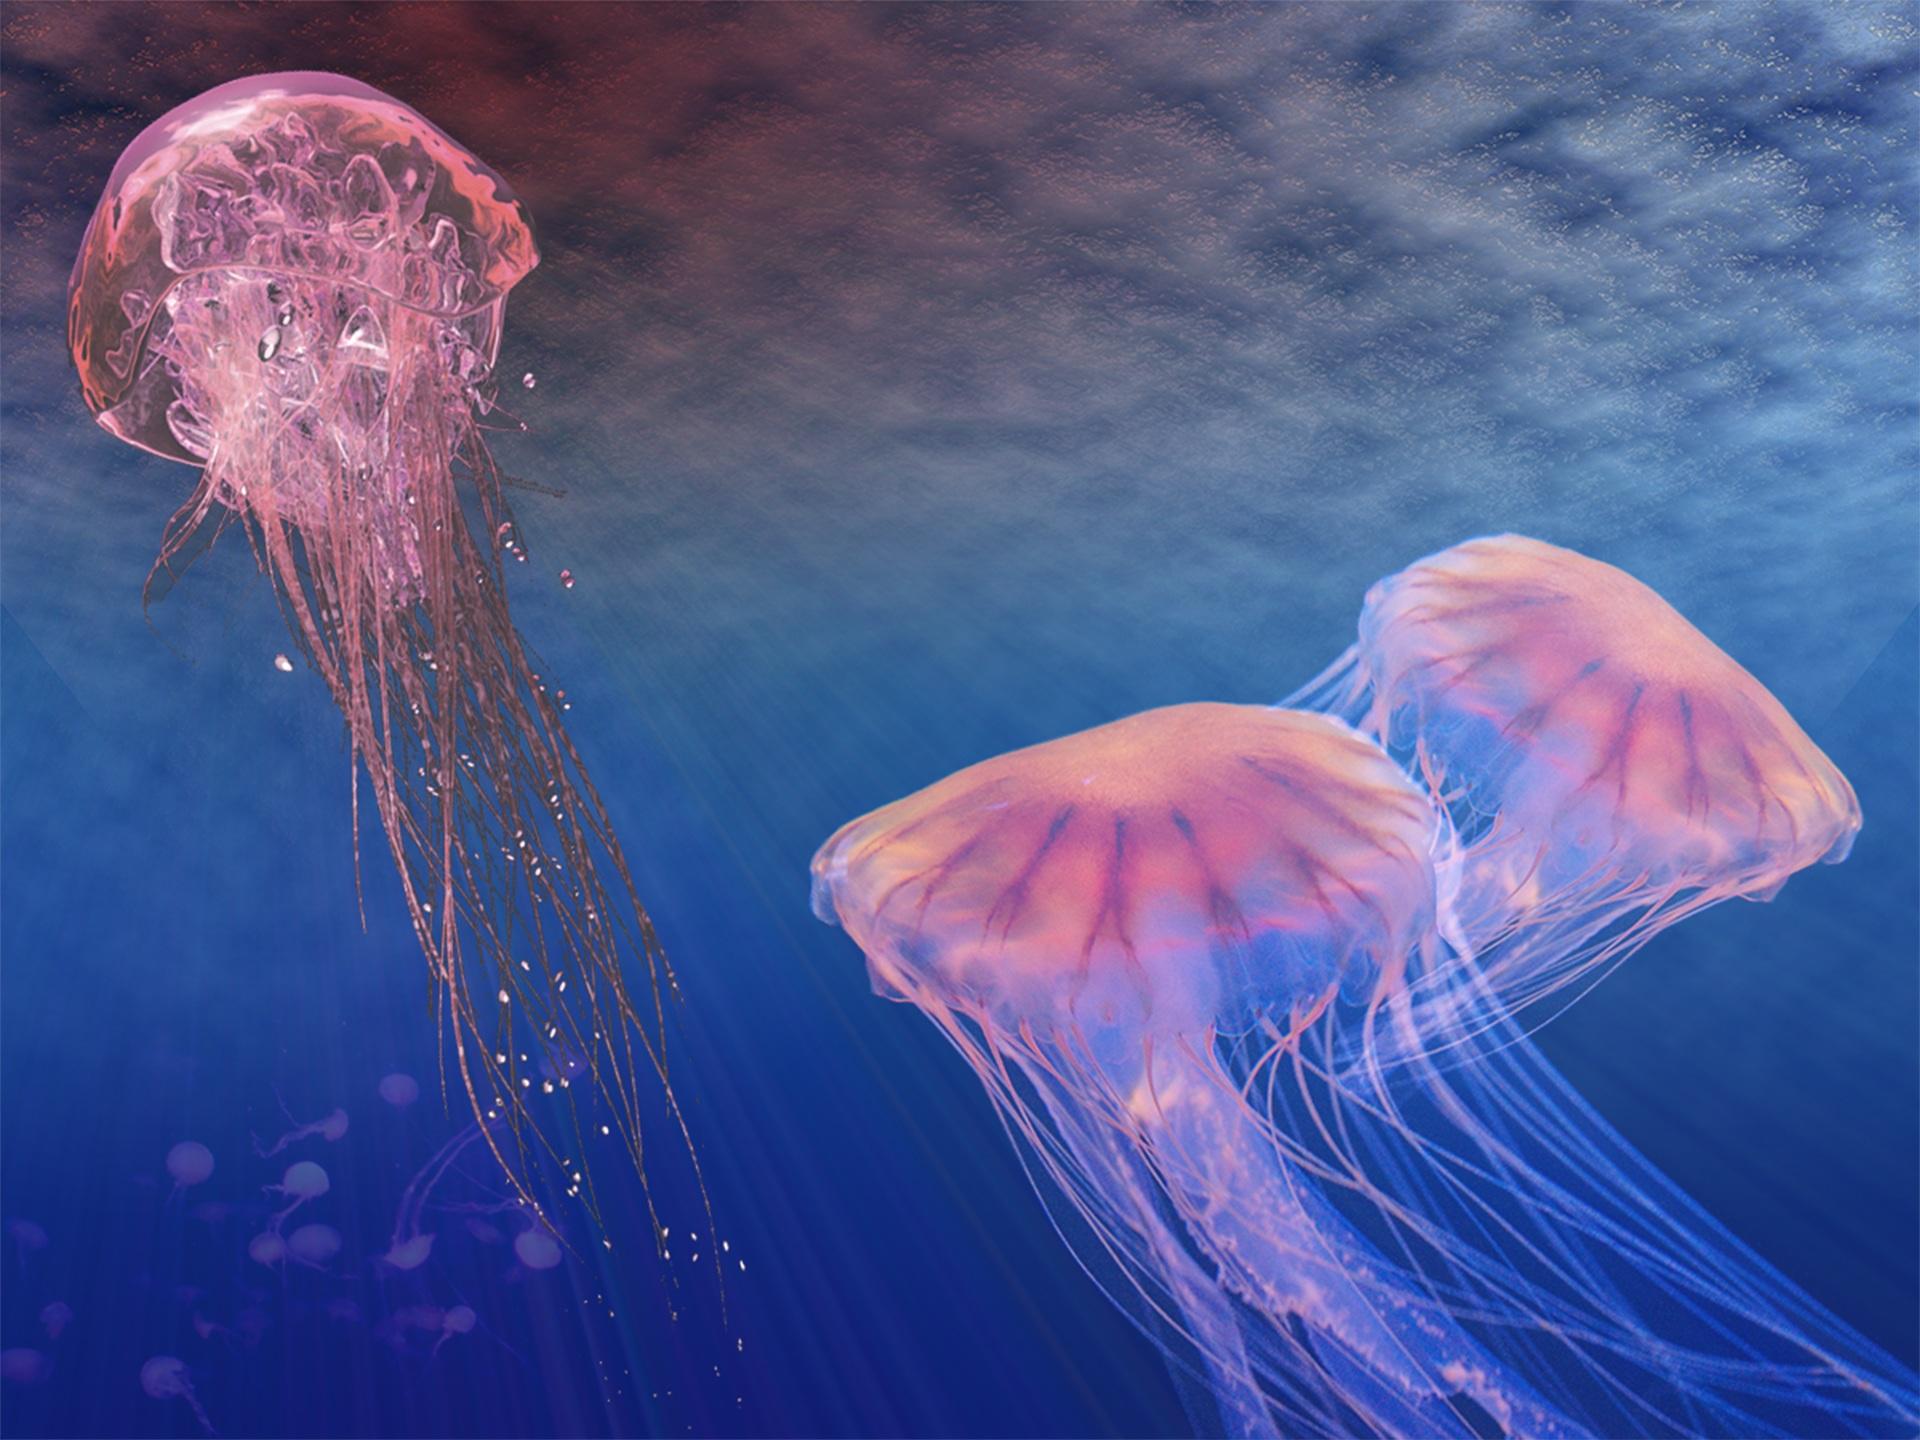 水母, 海洋生命, 海, 海洋, 深度, 罗莎 - 高清壁纸 - 教授-falken.com